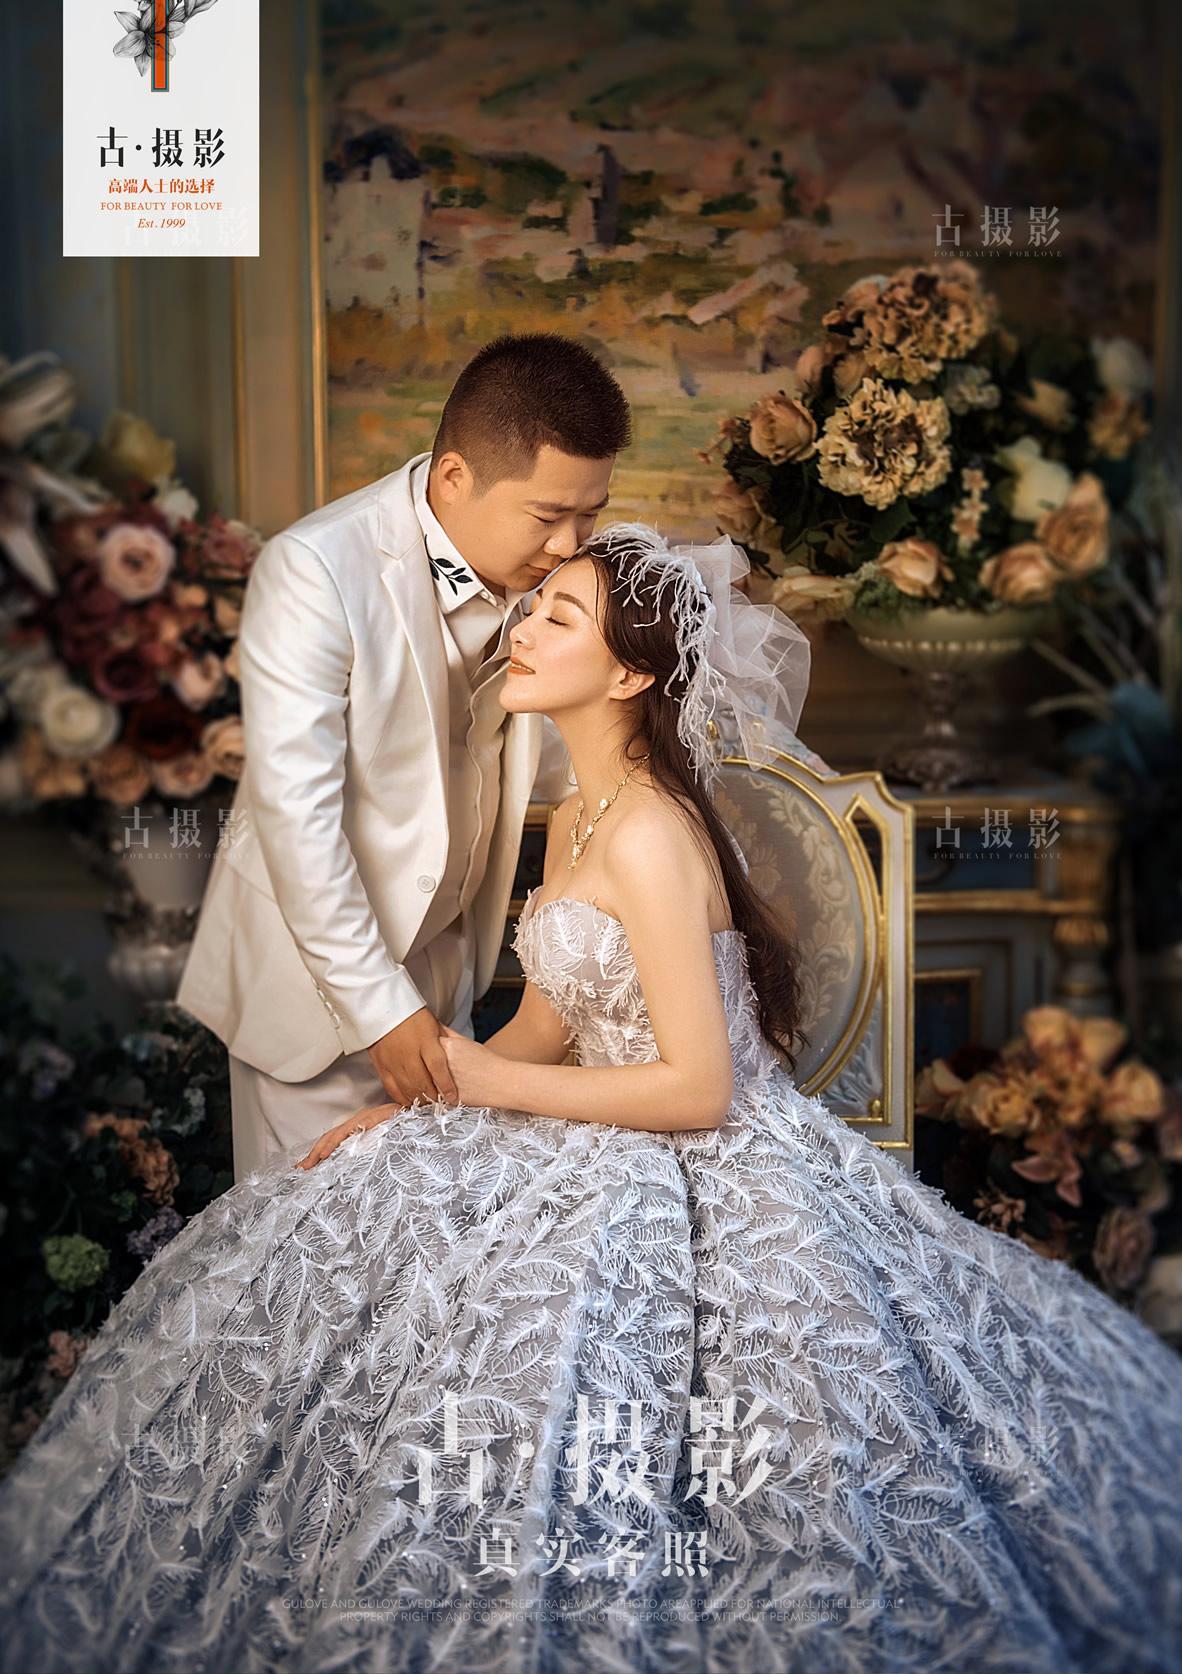 5月5日客片陈小姐夫妇 - 每日客照 - 古摄影婚纱艺术-古摄影成都婚纱摄影艺术摄影网